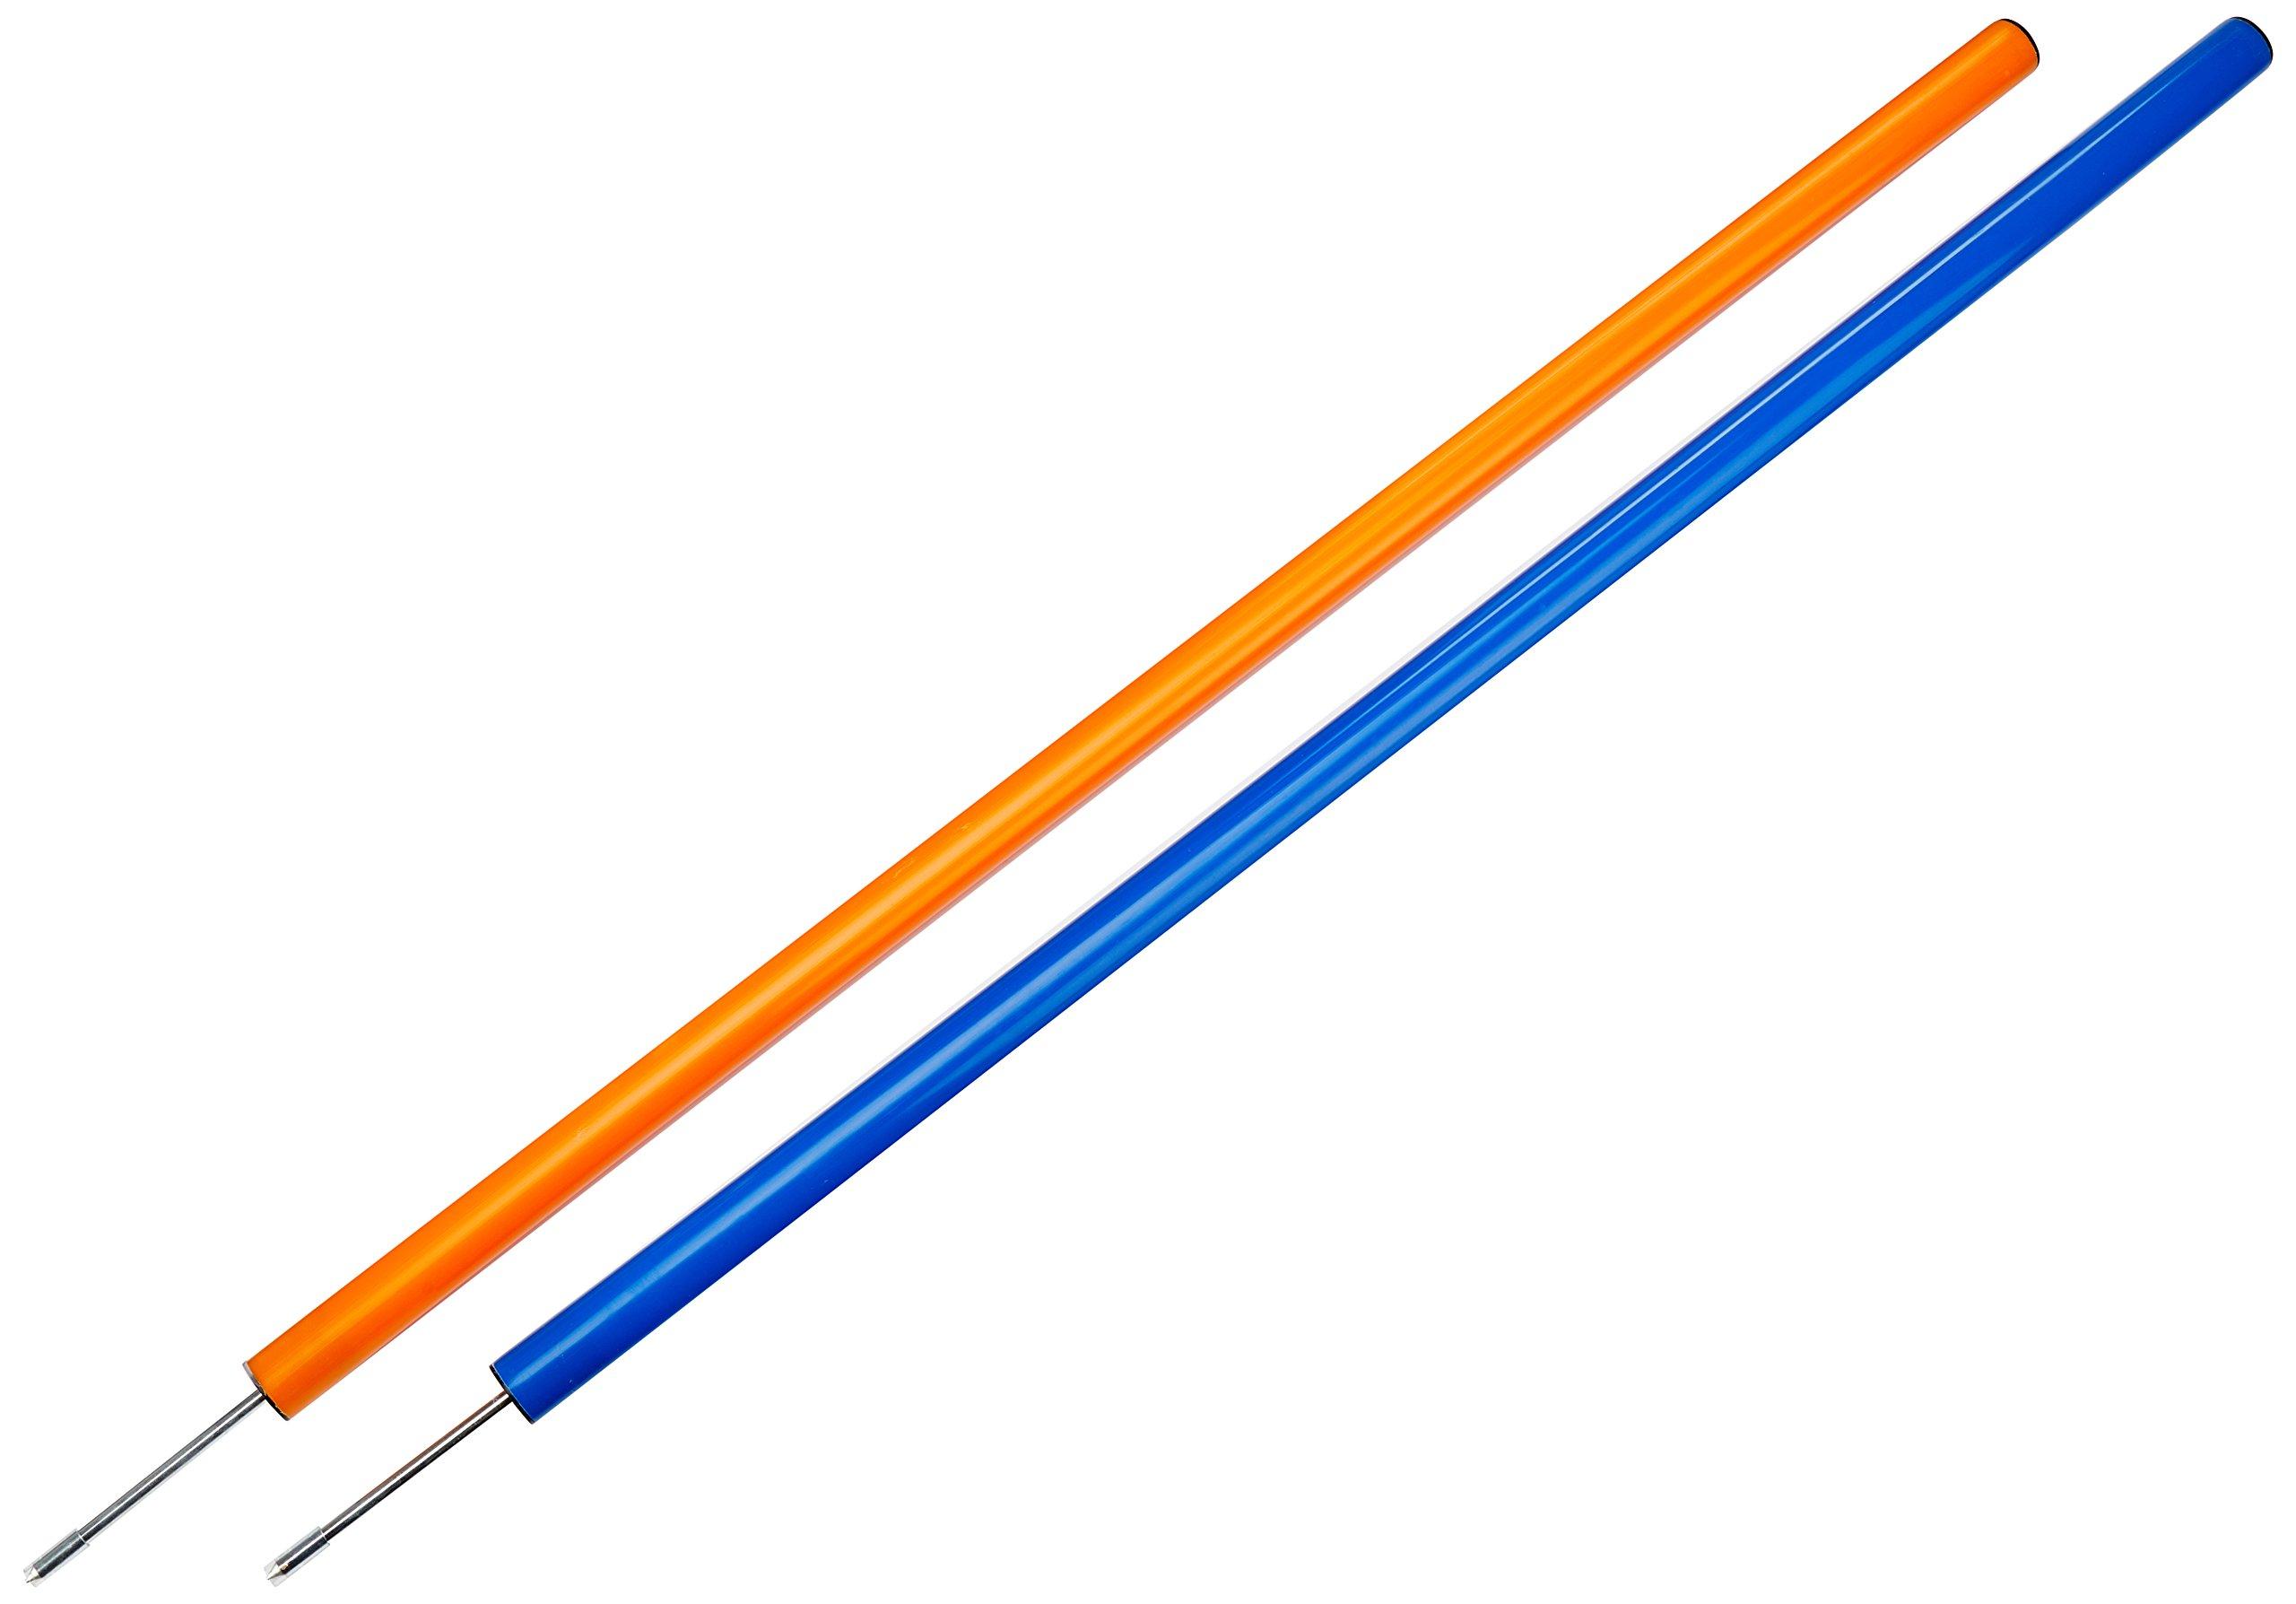 K9 Pursuits Agility Slalom Weave Poles by K9 Pursuits